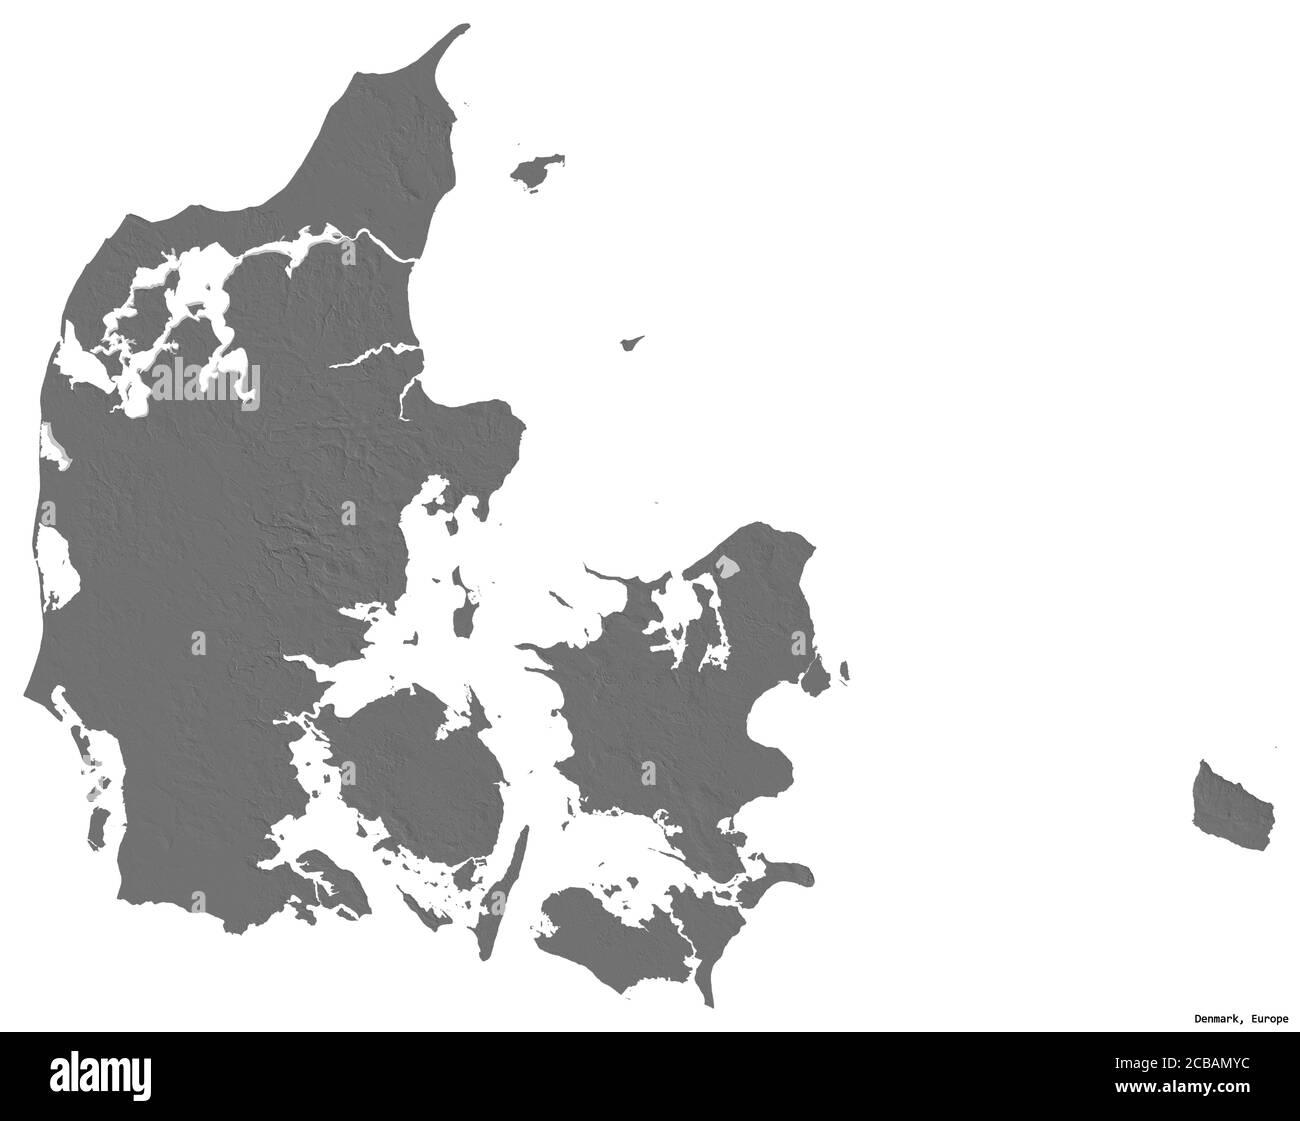 Forma de Dinamarca con su capital aislada sobre fondo blanco. Mapa de elevación en dos niveles. Renderizado en 3D Foto de stock